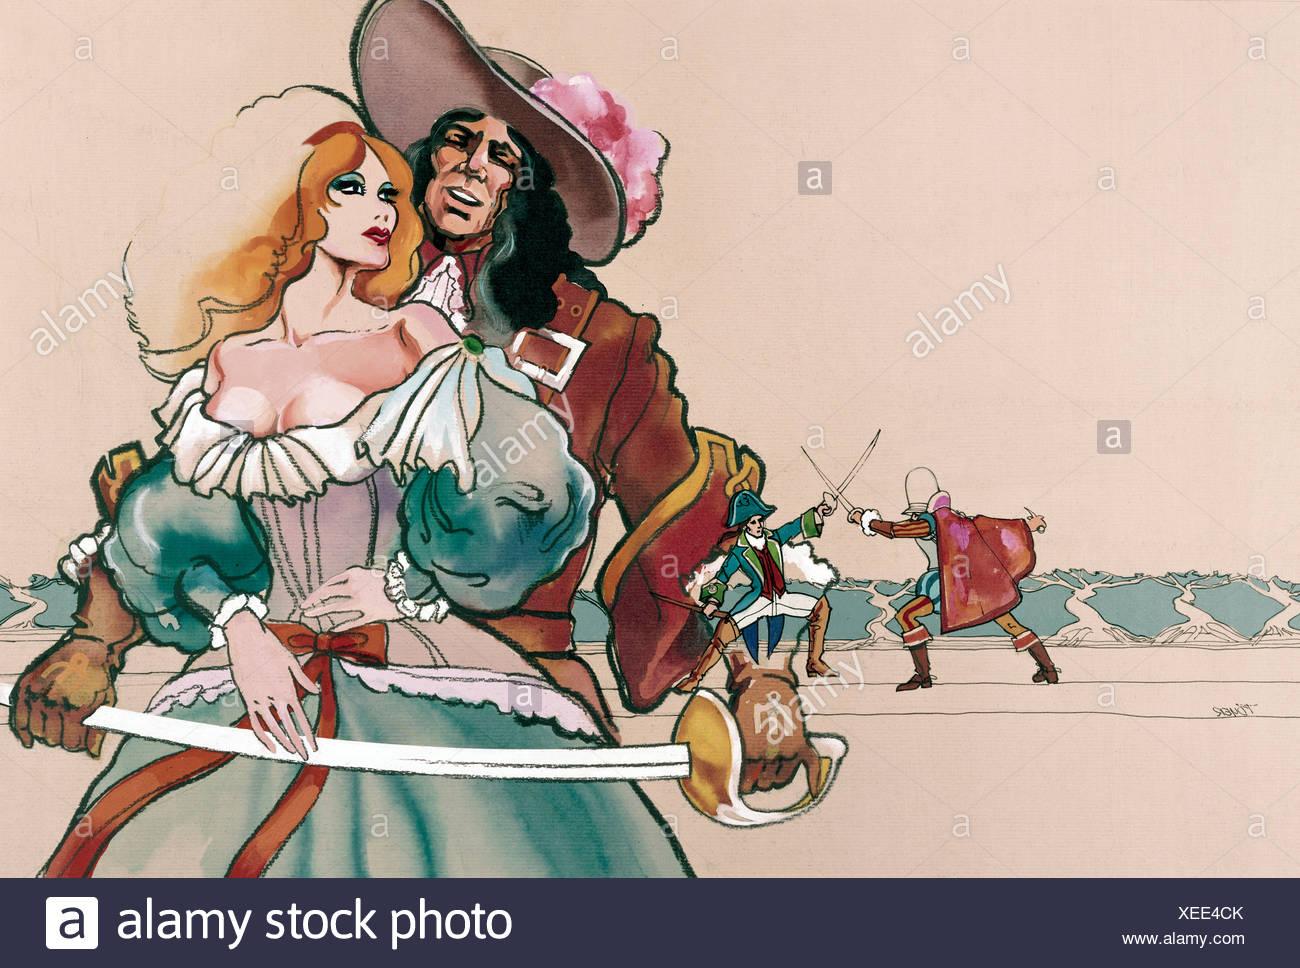 Cavalier sosteniendo Espada en Maden, acuarela Imagen De Stock